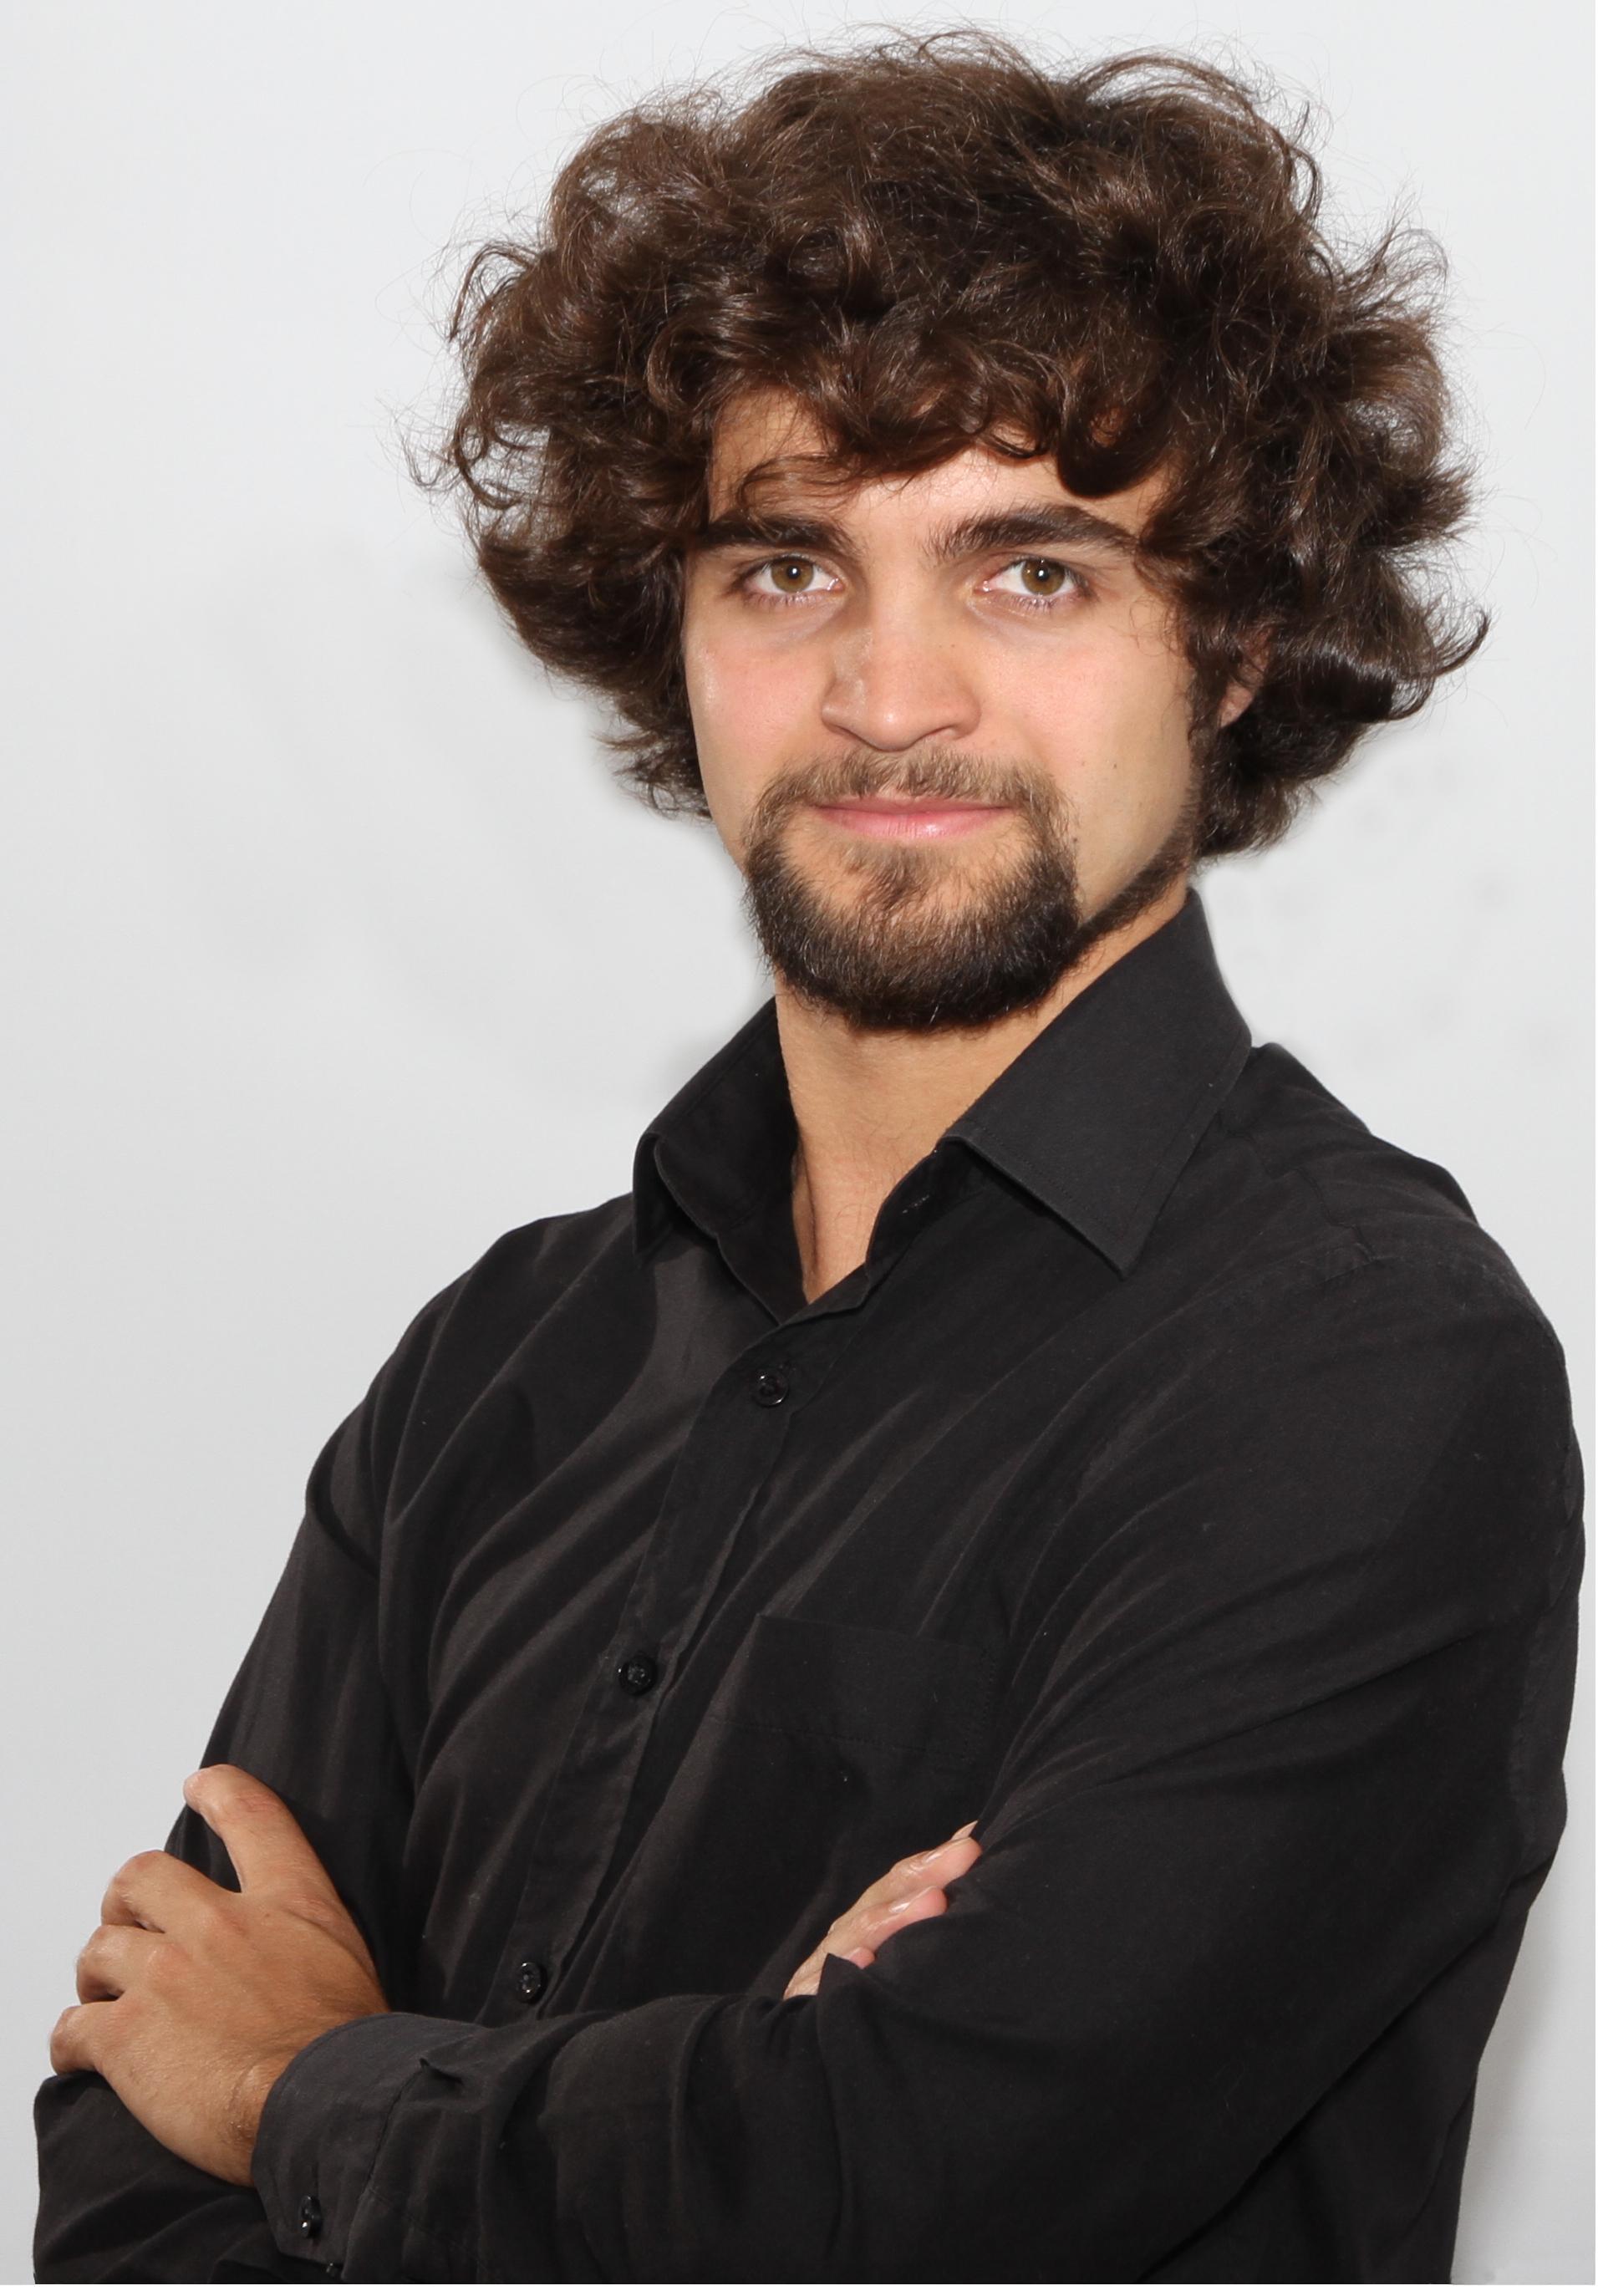 Lukas Maurer